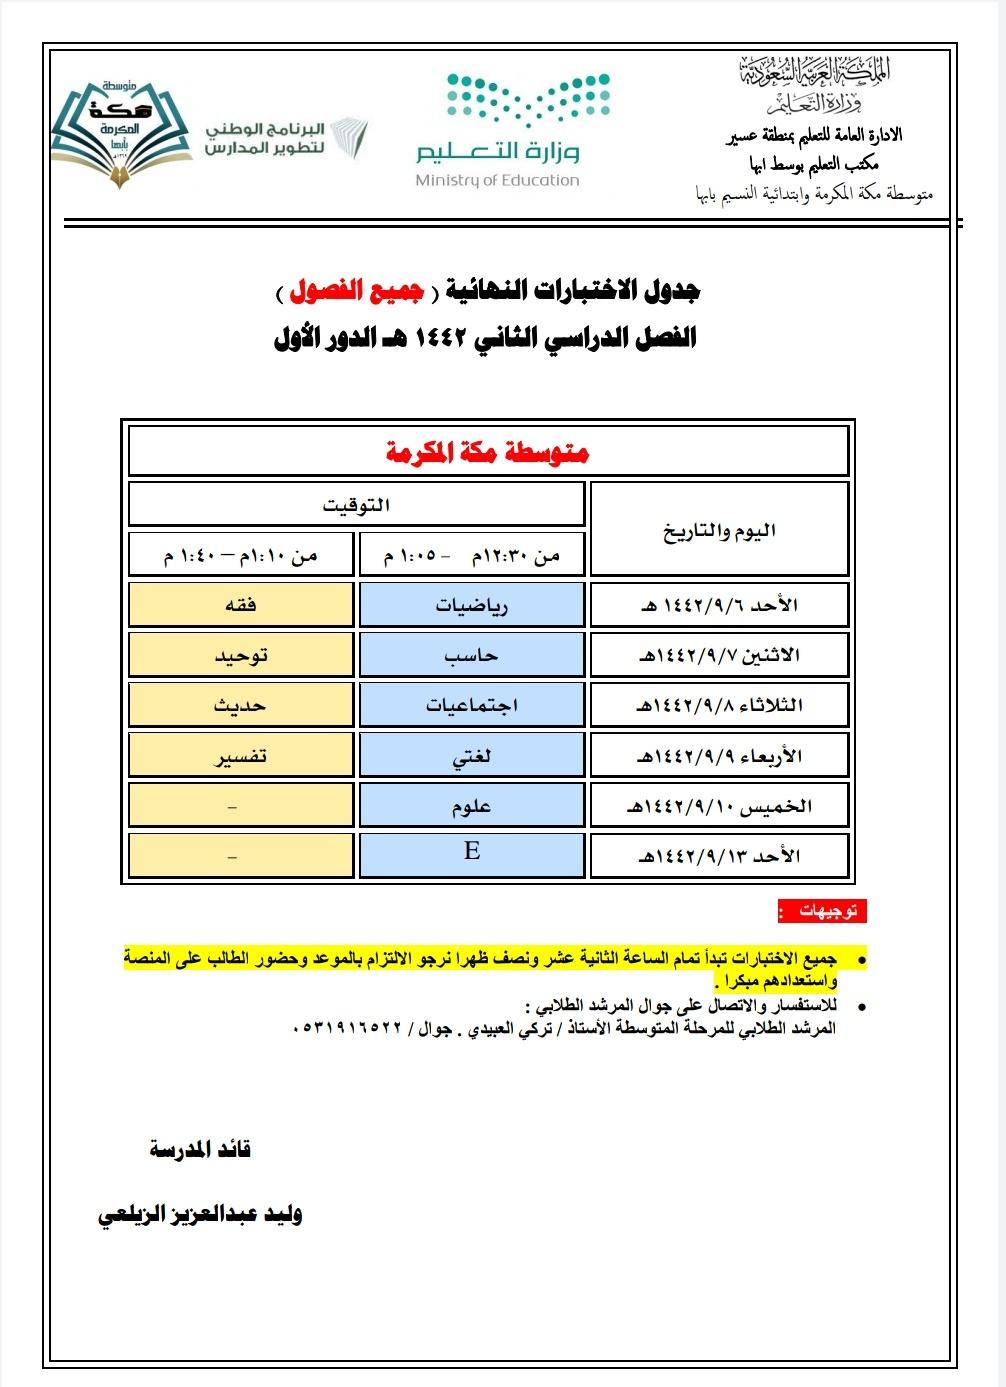 الآن جداول الاختبارات النهائية بالمدارس لمواد الفصل الثاني بالسعودية وموعد اختبارات الدور الثاني للعام الدراسي 1442 ثقفني